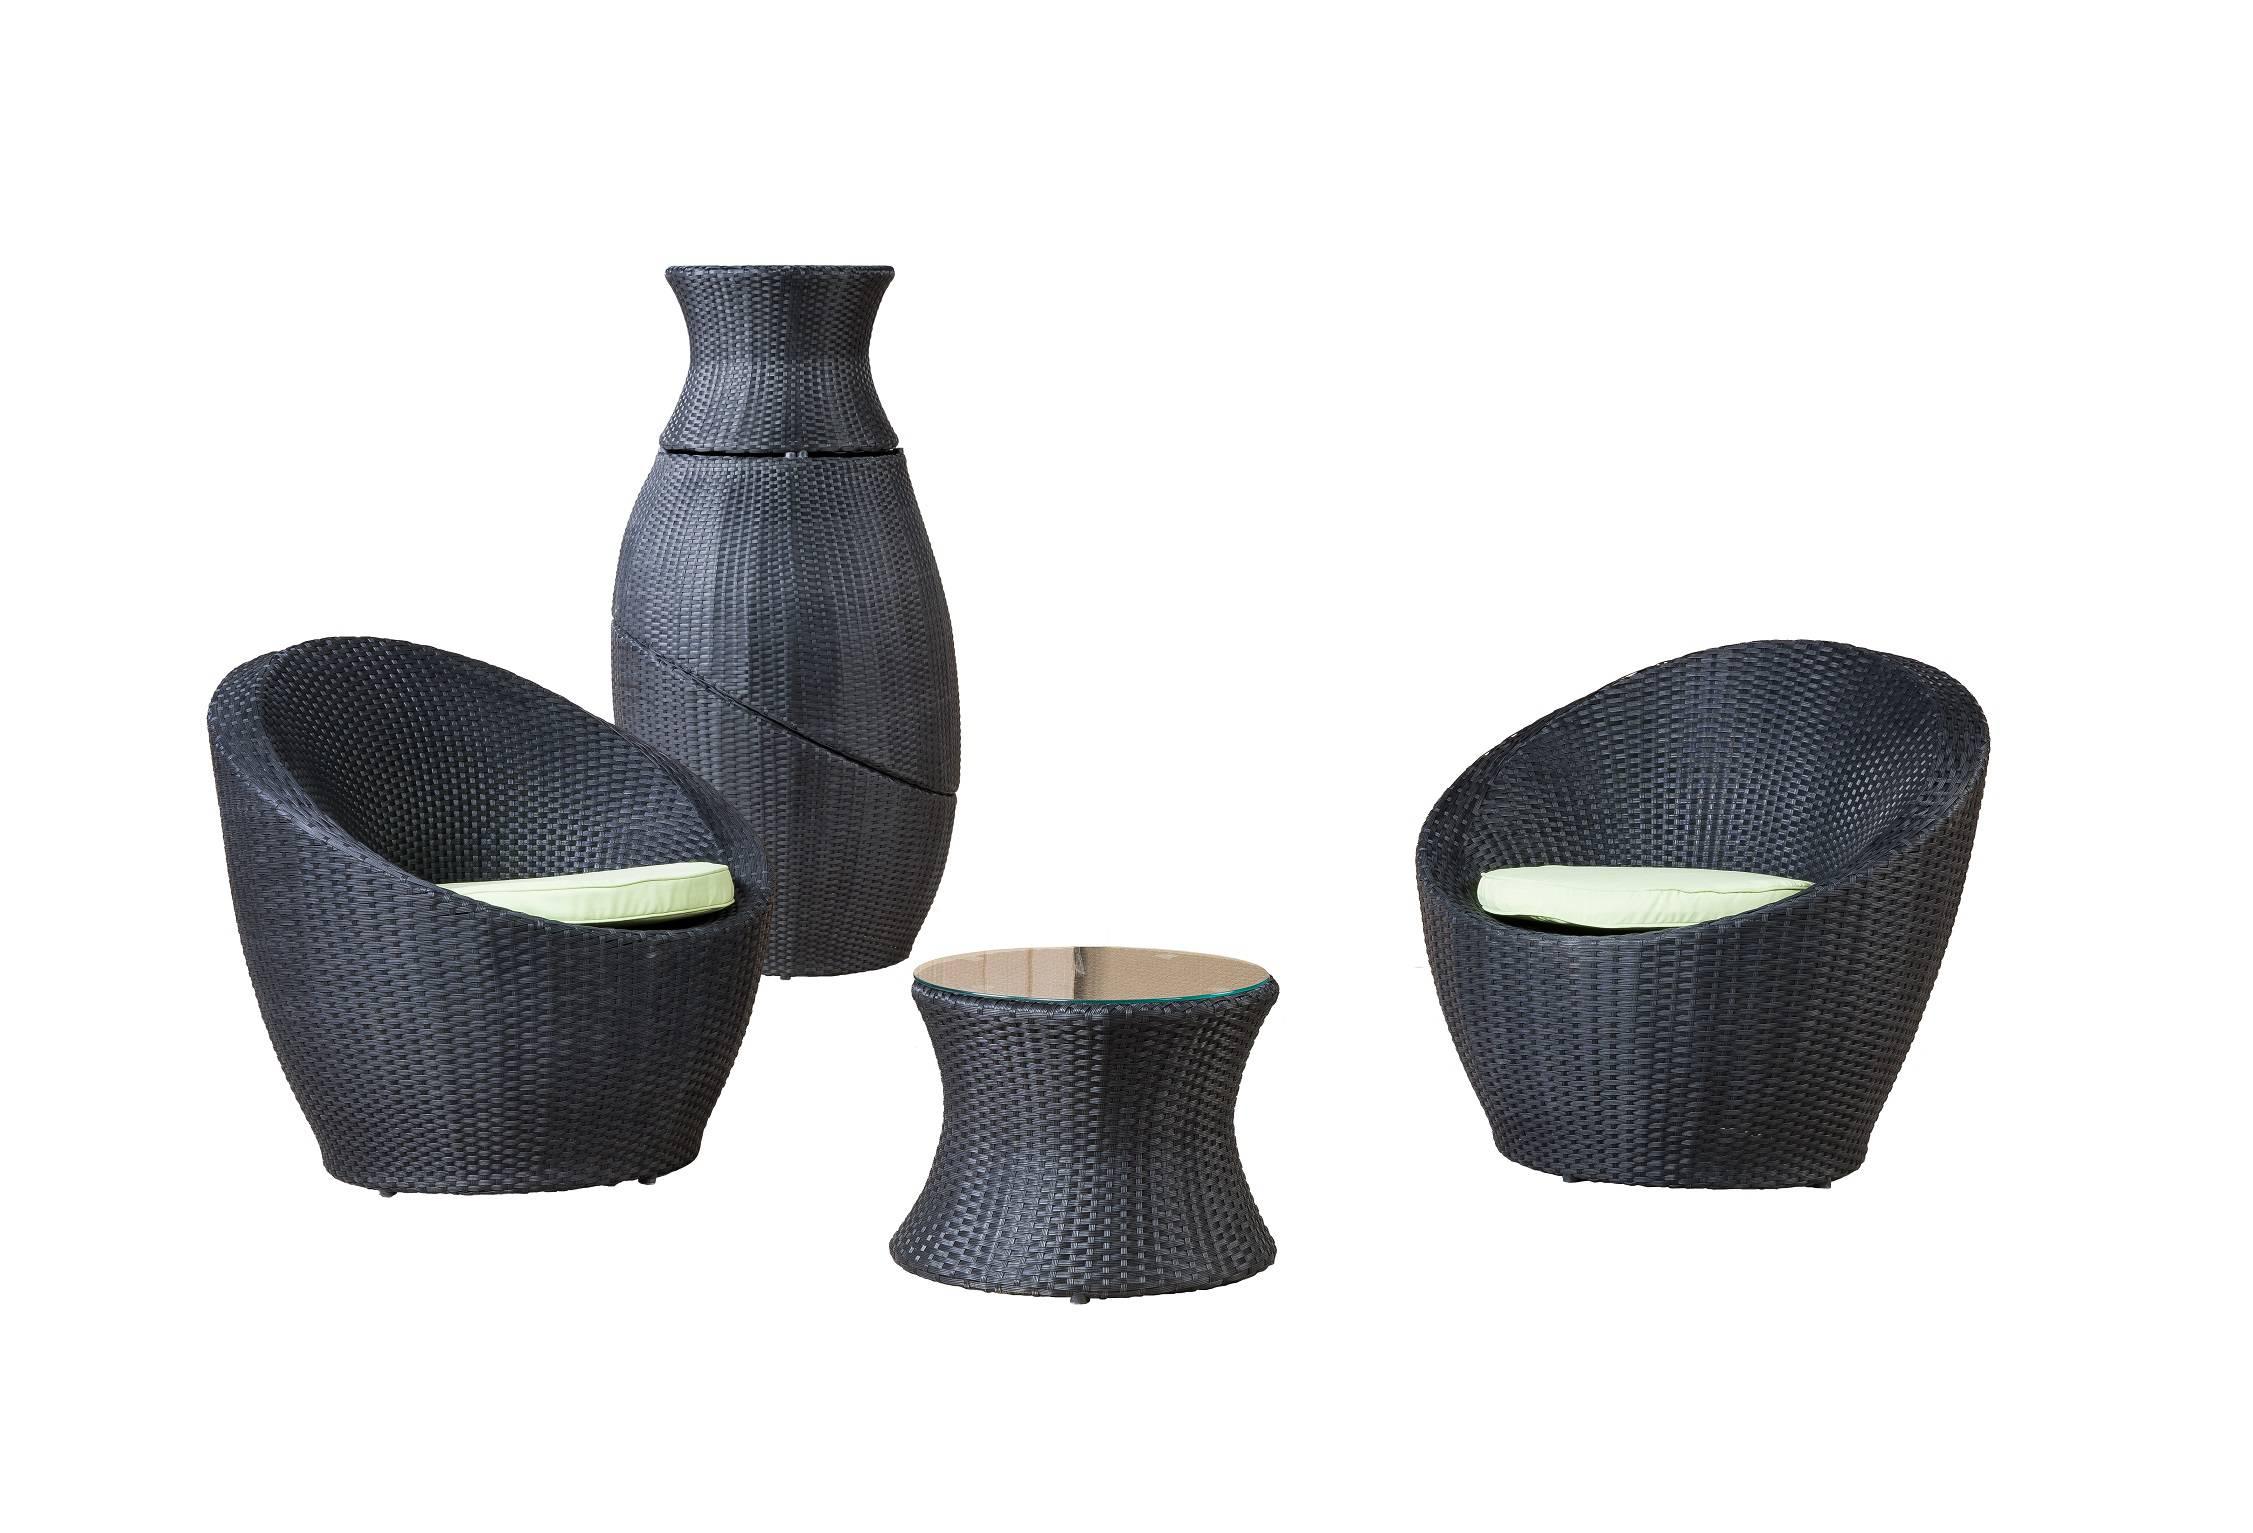 Комплект мебели ТуллонКомплекты уличной мебели<br>&amp;lt;div&amp;gt;Набор из двух стульев и кофейного столика со стеклянной столешницей толщиной 8 мм. Идет в комплекте с подушками.&amp;amp;nbsp;&amp;lt;/div&amp;gt;&amp;lt;div&amp;gt;&amp;lt;br&amp;gt;&amp;lt;/div&amp;gt;&amp;lt;div&amp;gt;Алюминиевый каркас, искусственный ротанг, плетение плоское.&amp;amp;nbsp;&amp;lt;/div&amp;gt;&amp;lt;div&amp;gt;Цвет подушек белый.&amp;amp;nbsp;&amp;lt;/div&amp;gt;&amp;lt;div&amp;gt;Журнальный столик: 40х51 см.&amp;amp;nbsp;&amp;lt;/div&amp;gt;&amp;lt;div&amp;gt;Кресло: 75х75х85 см&amp;lt;/div&amp;gt;<br><br>Material: Ротанг<br>Width см: 75<br>Depth см: 75<br>Height см: 85